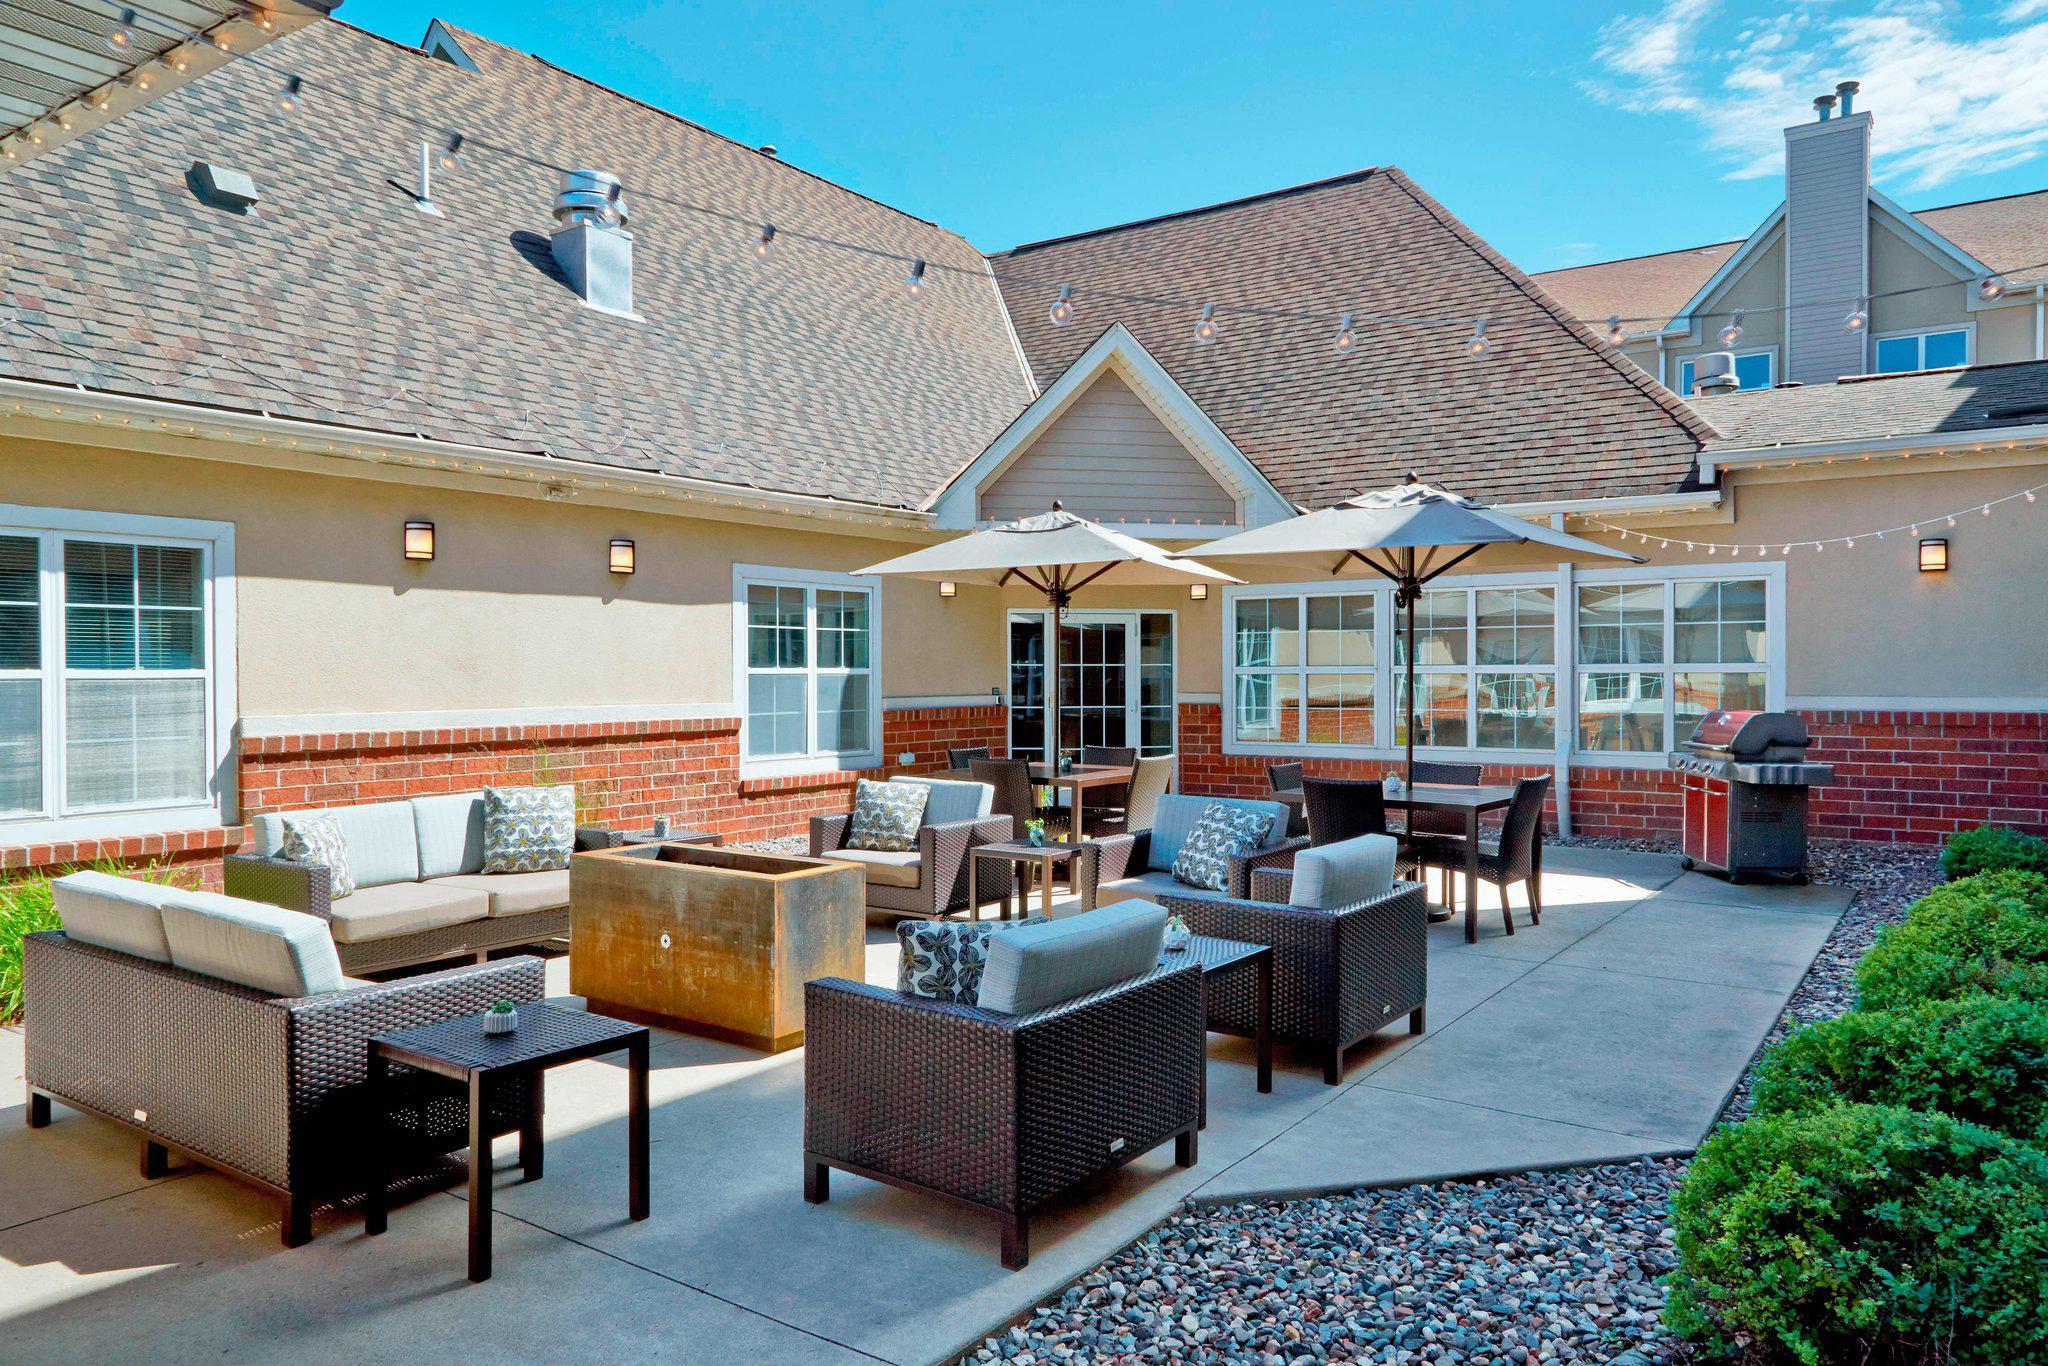 Residence Inn by Marriott Minneapolis St. Paul/Roseville